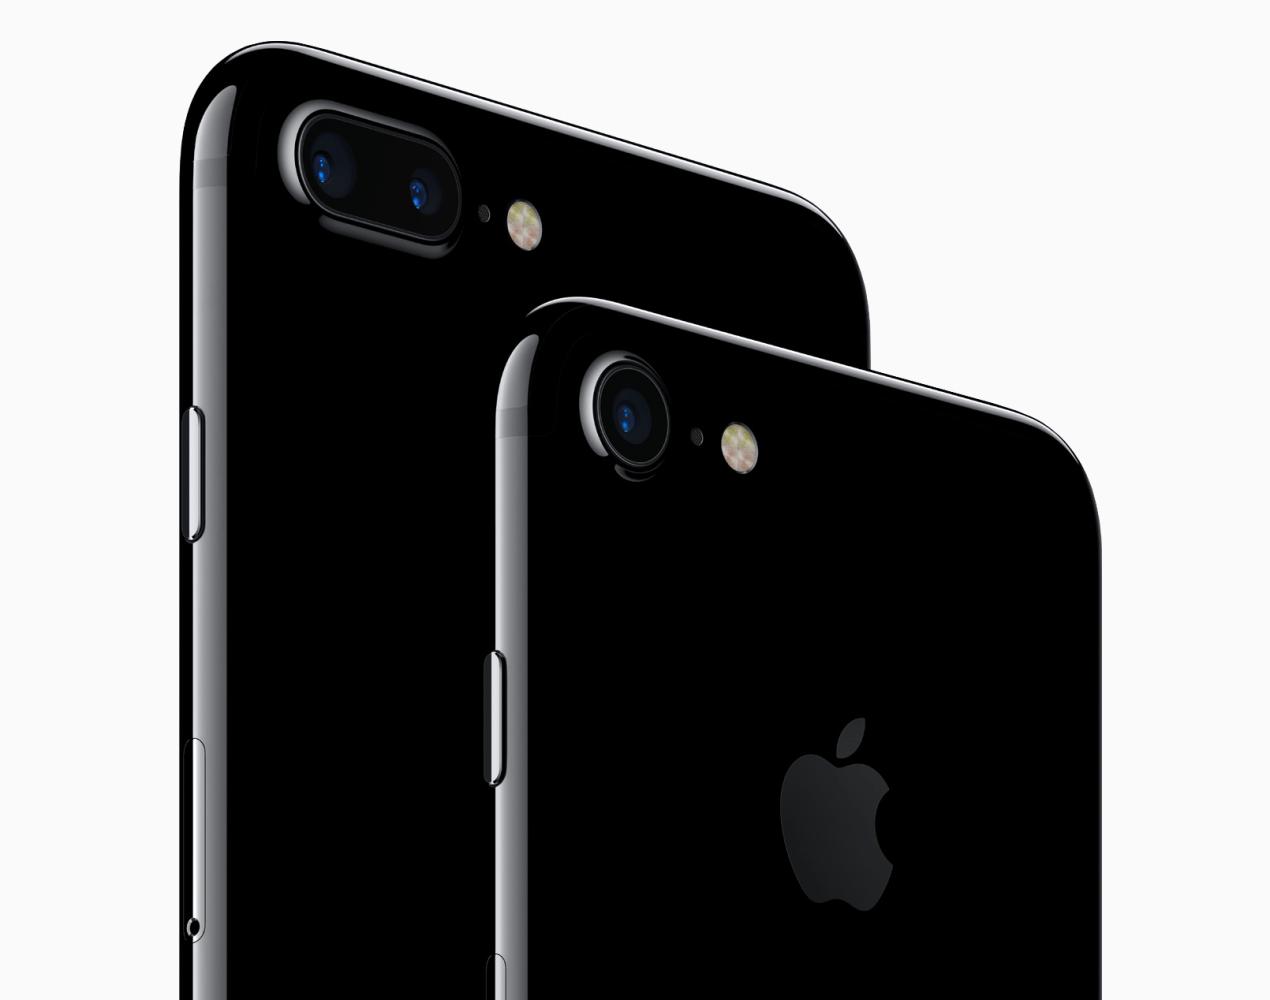 Nuevo iPhone 7.-Fuente: 9to5Mac